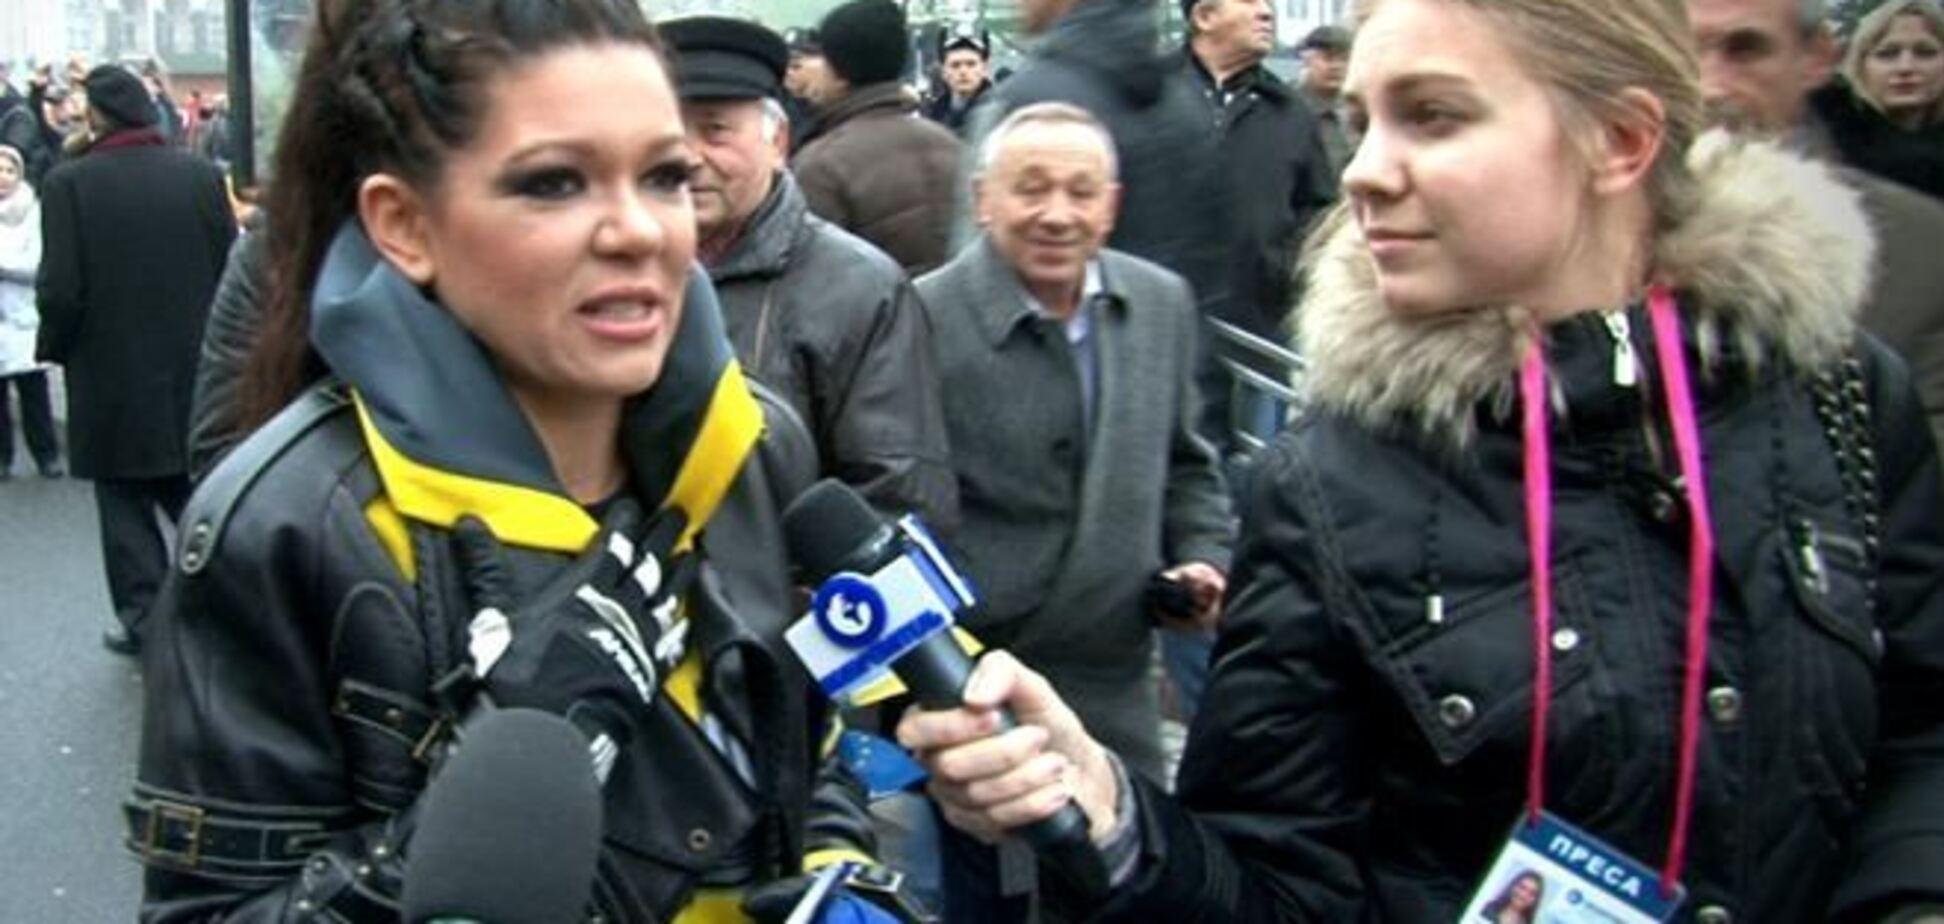 Руслана на евромитинге: я за євро-бачення України